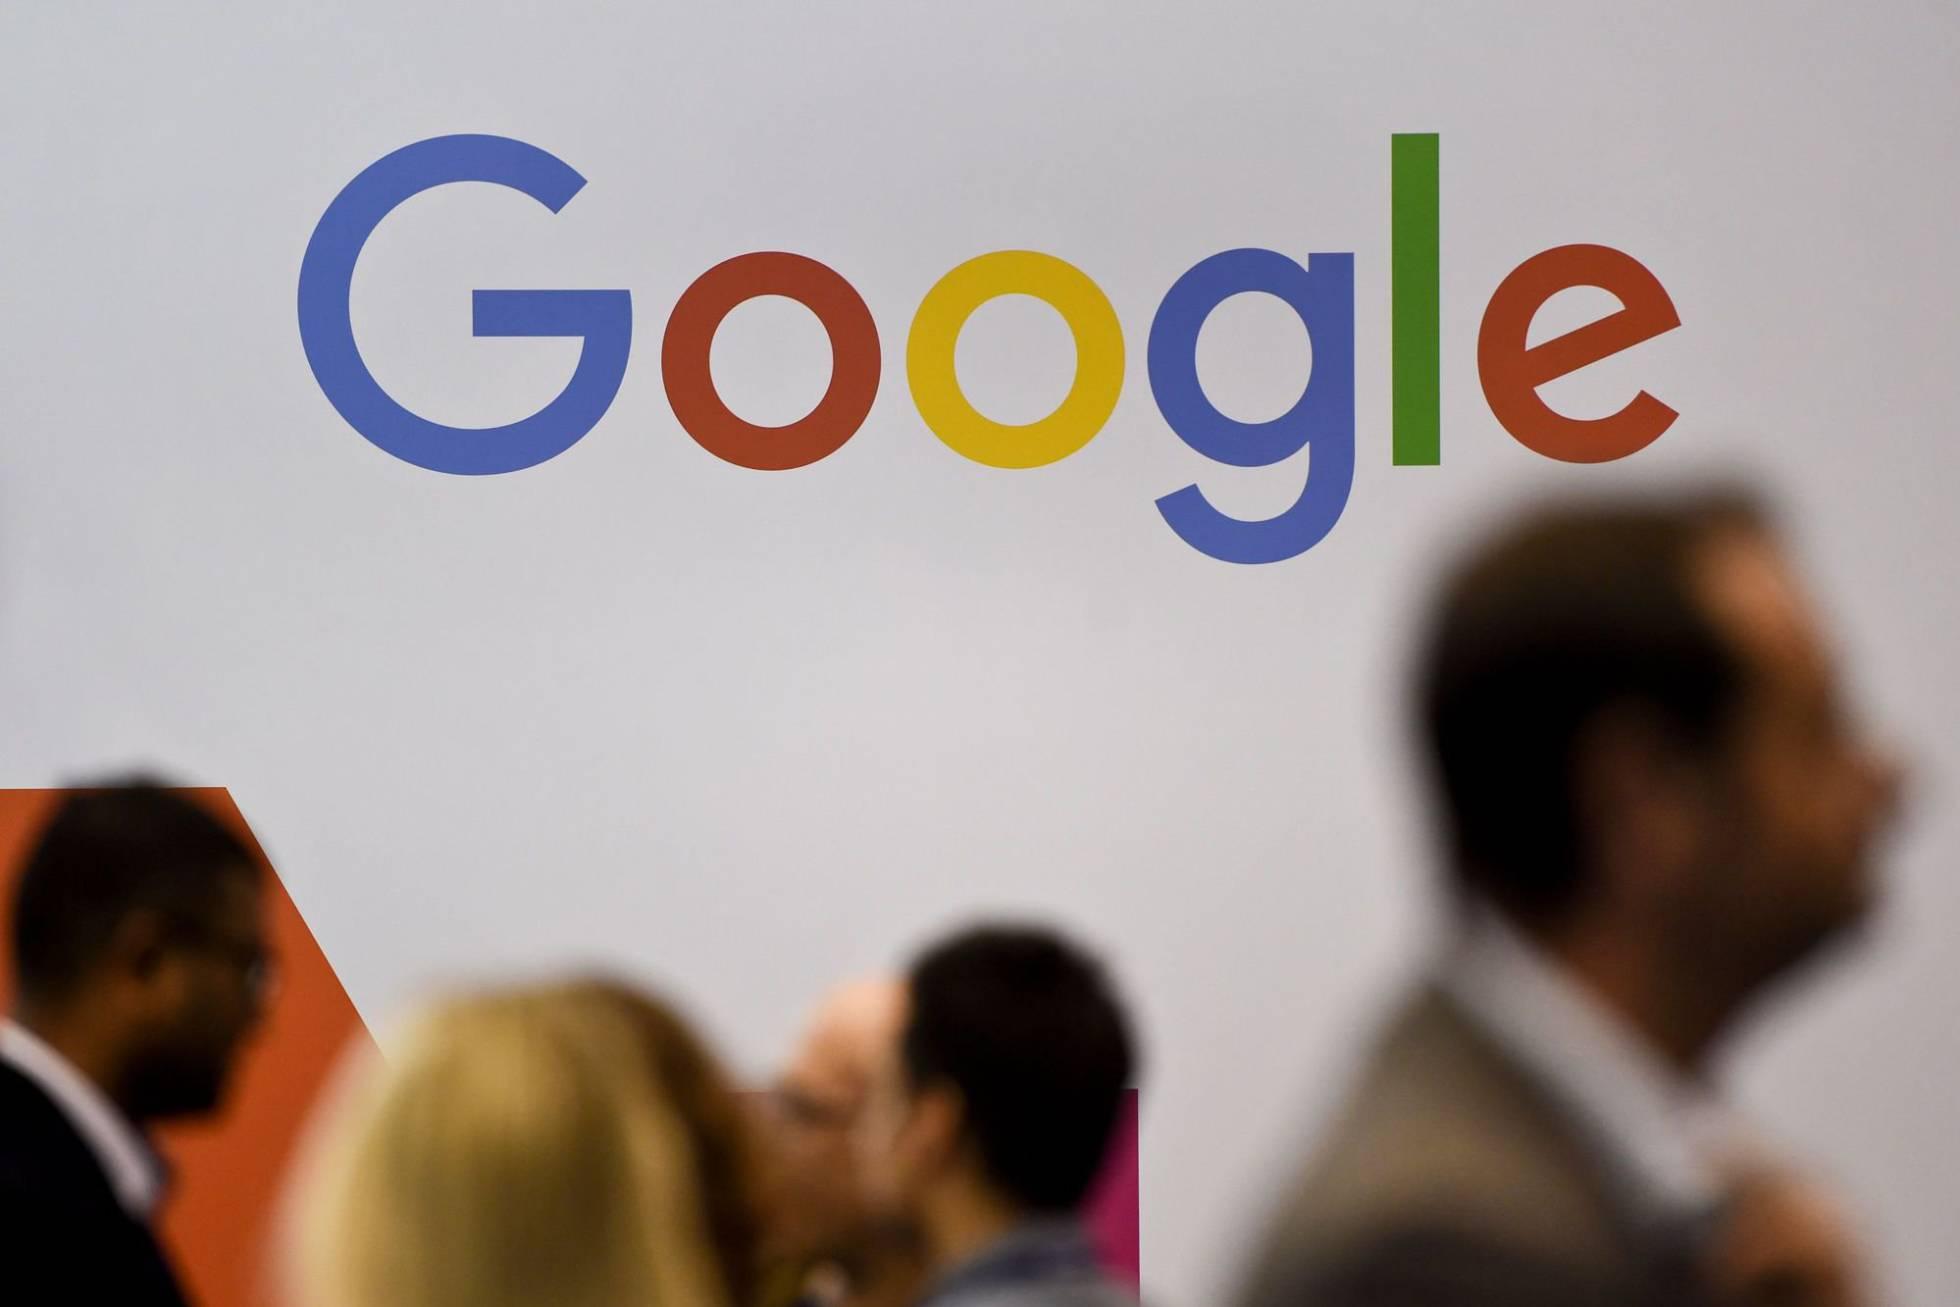 Fronteras legales en Internet: ¿solo cuando nos interesa?